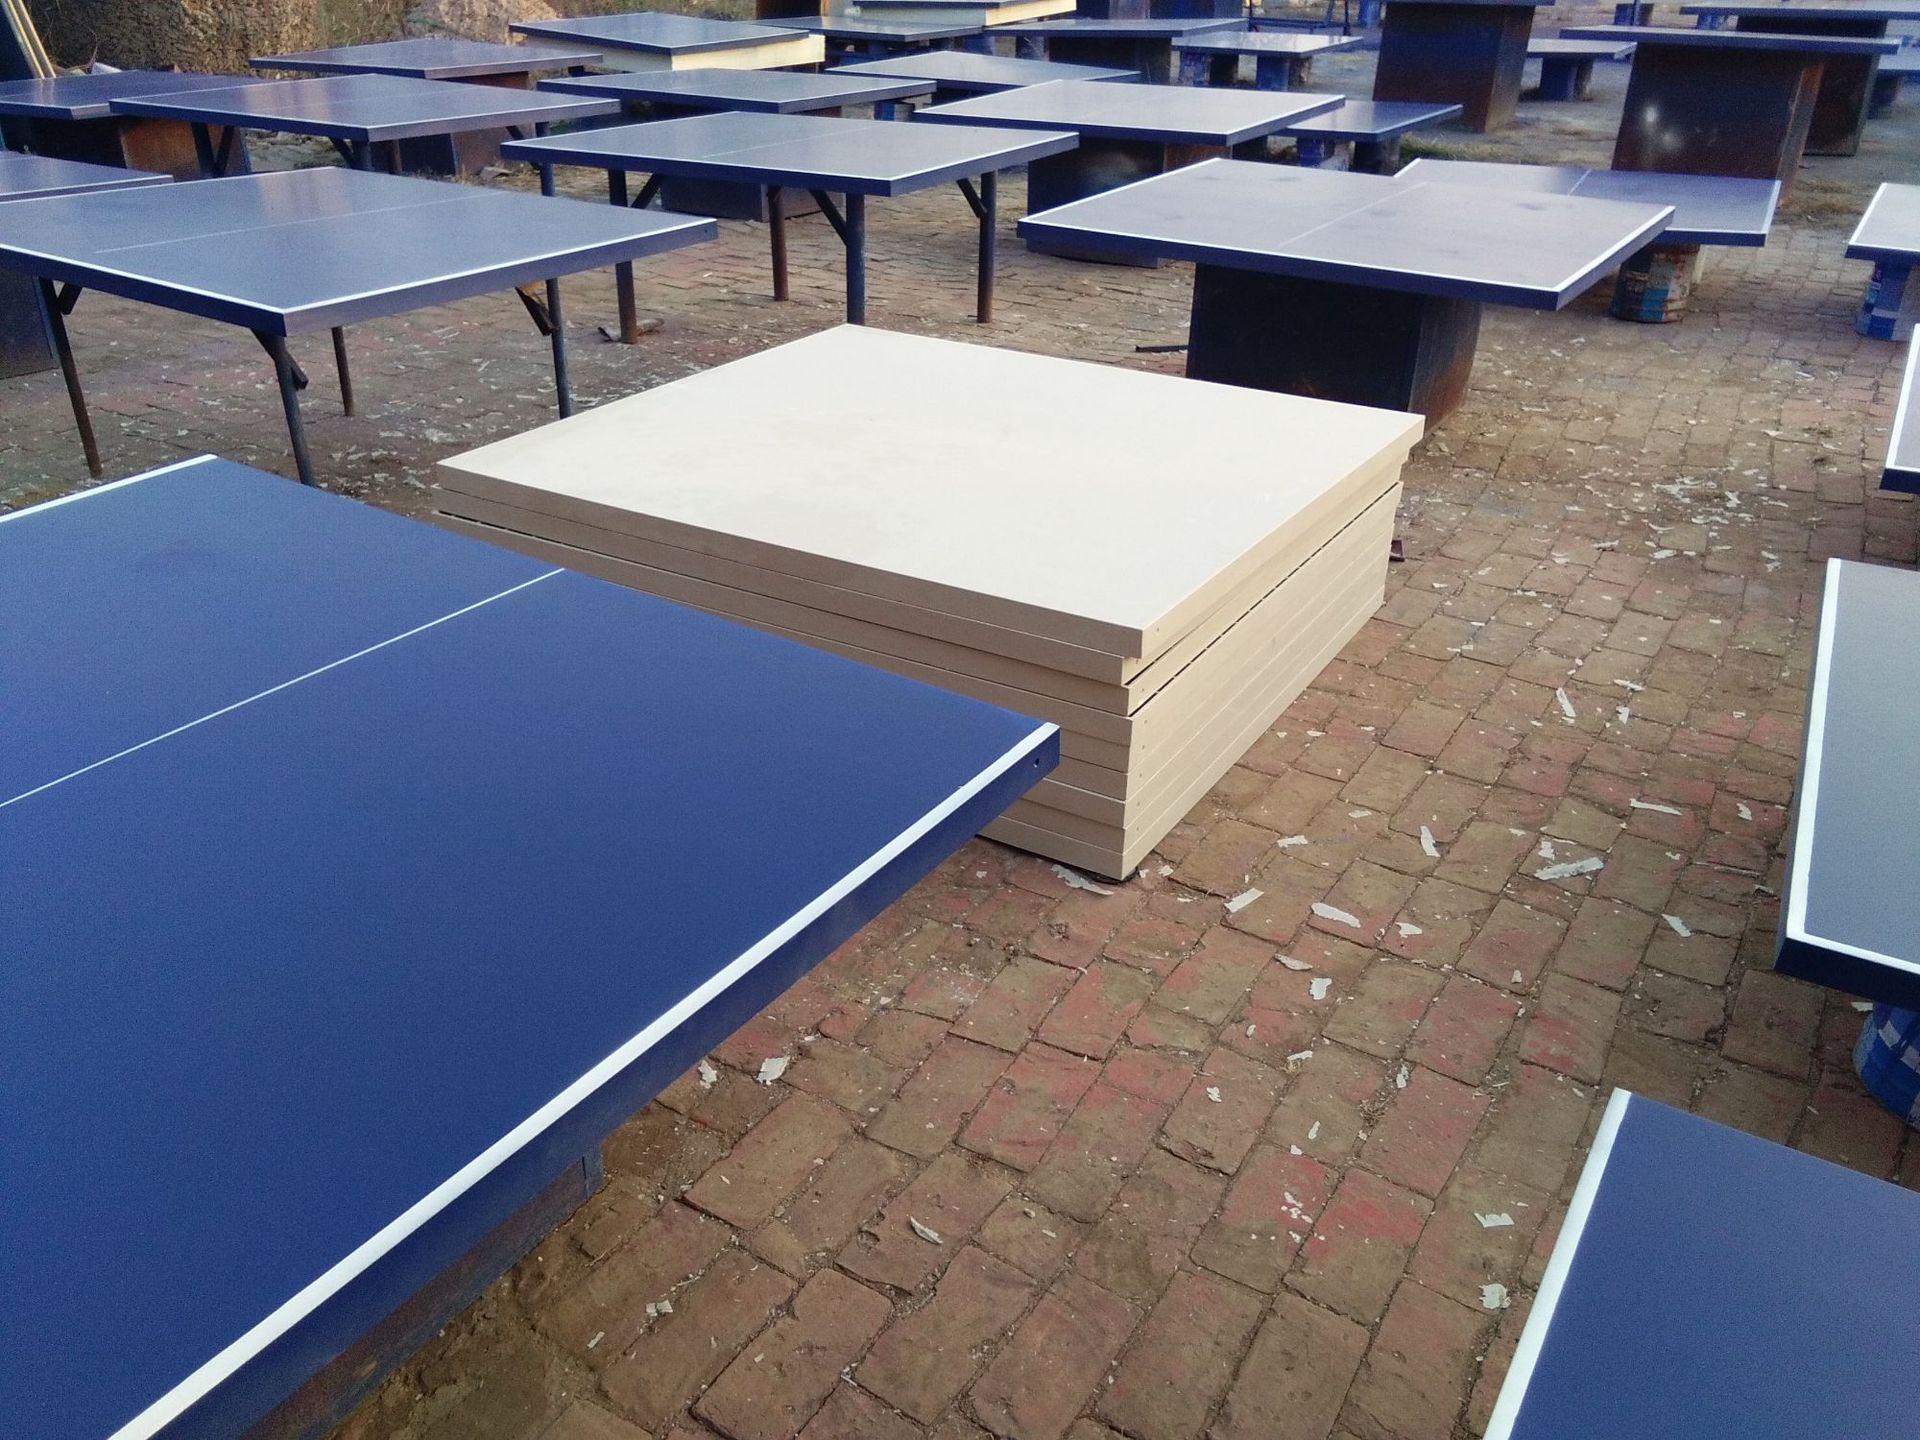 特价供应室内可移动乒乓球桌 家用标准乒乓球台 物美价廉售后无忧示例图29